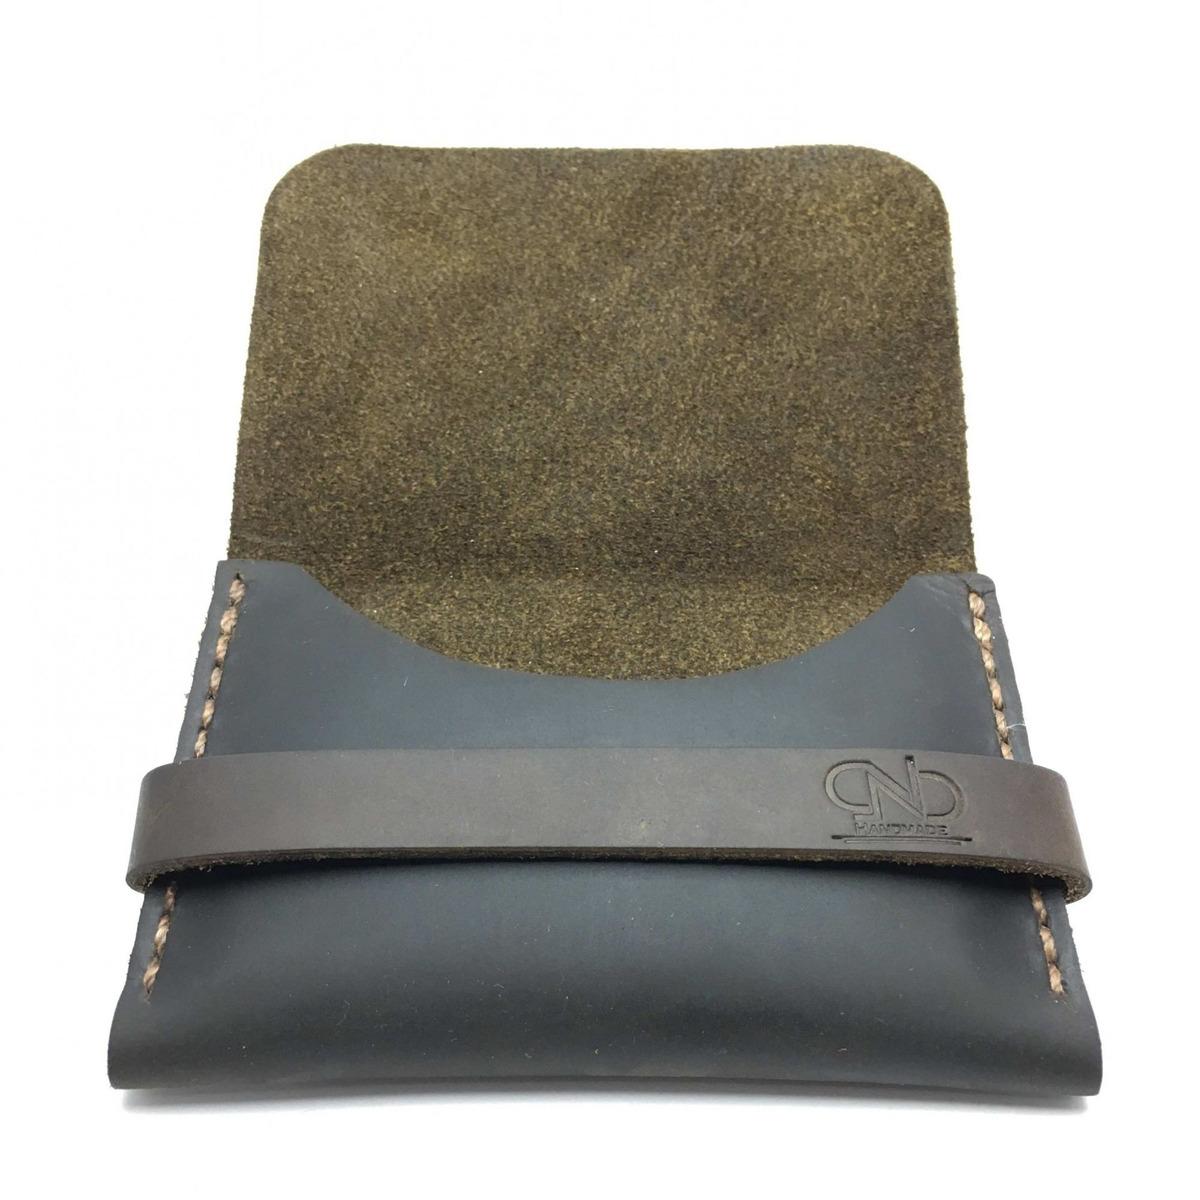 5cd4dbe99 carteira cnb single couro legítimo feito à mão exclusivo top. Carregando  zoom.